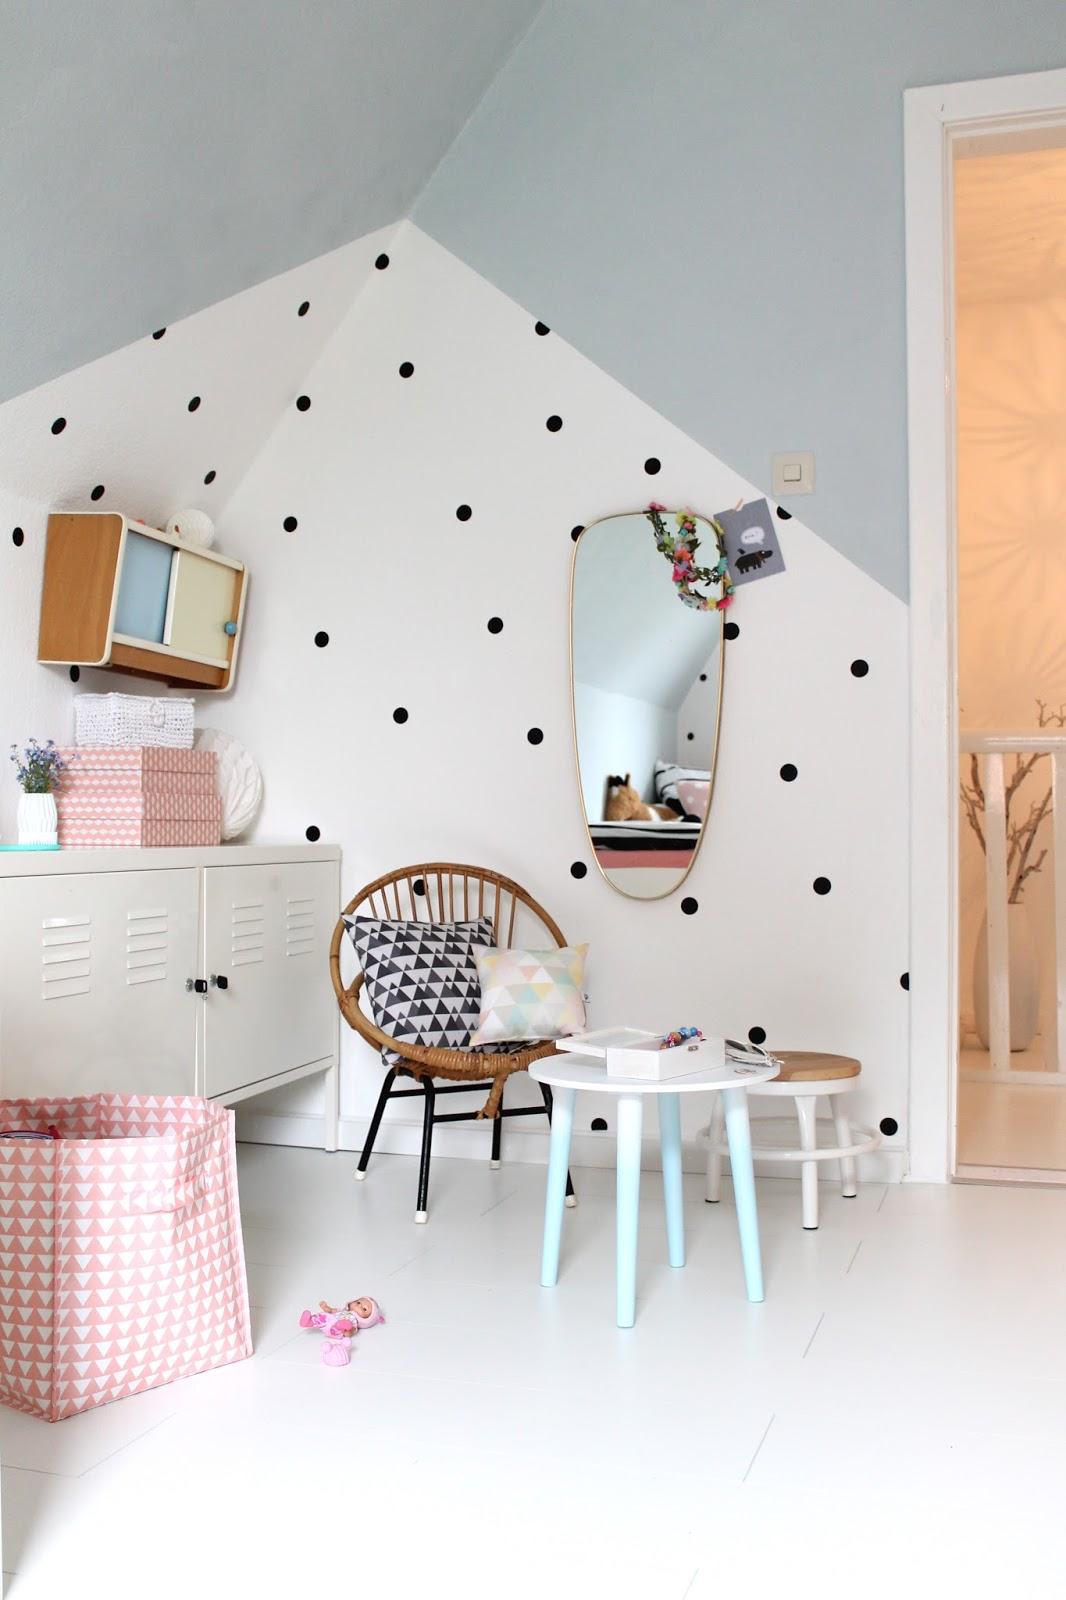 Kinderzimmer  BRITTA BLOGGT: ....neues Layout und Kinderzimmer Make over !